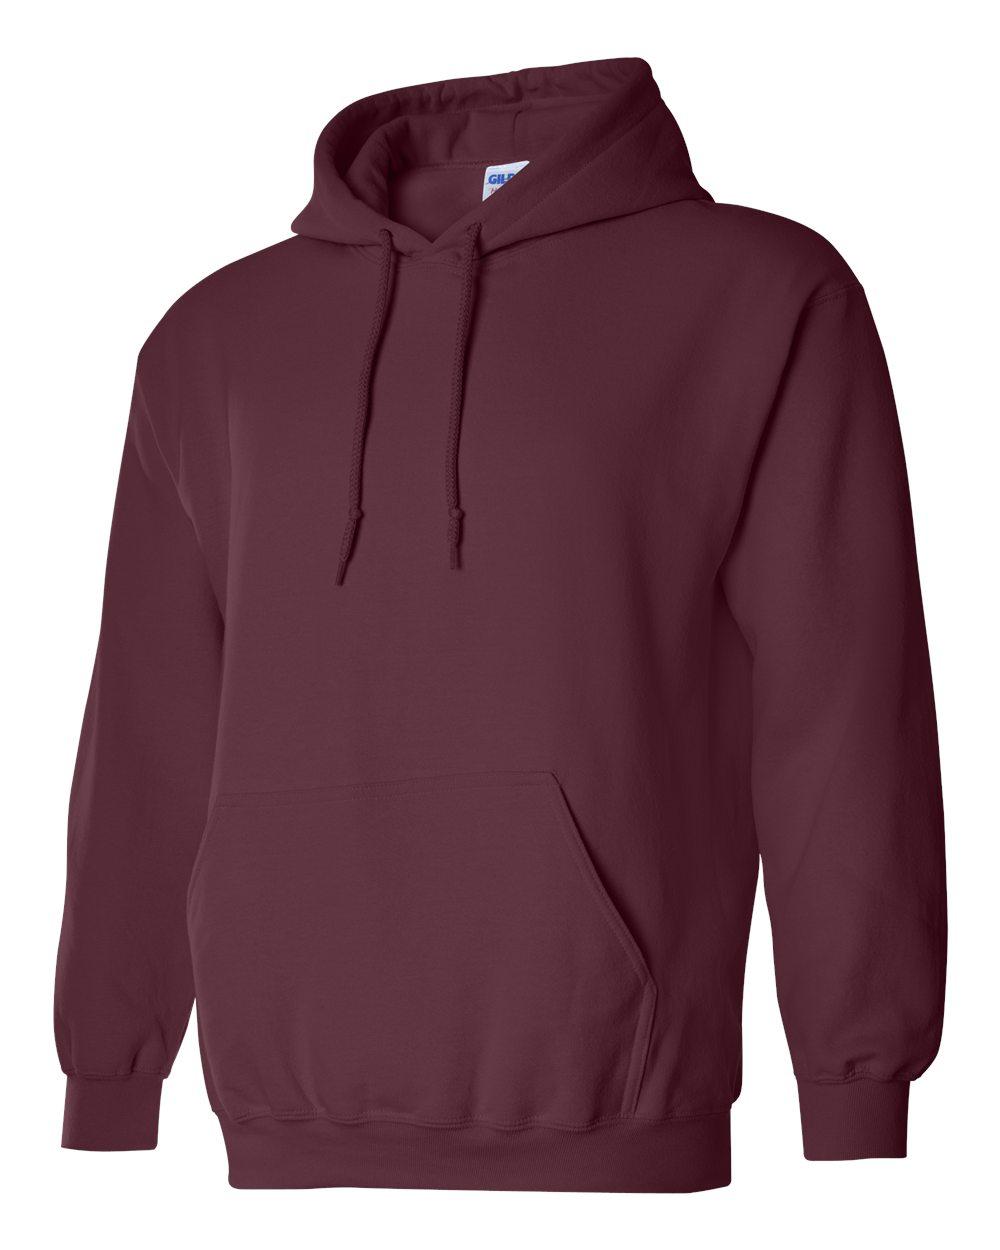 Gildan Heavy Blend Hooded Sweatshirt GI18500 Maroon